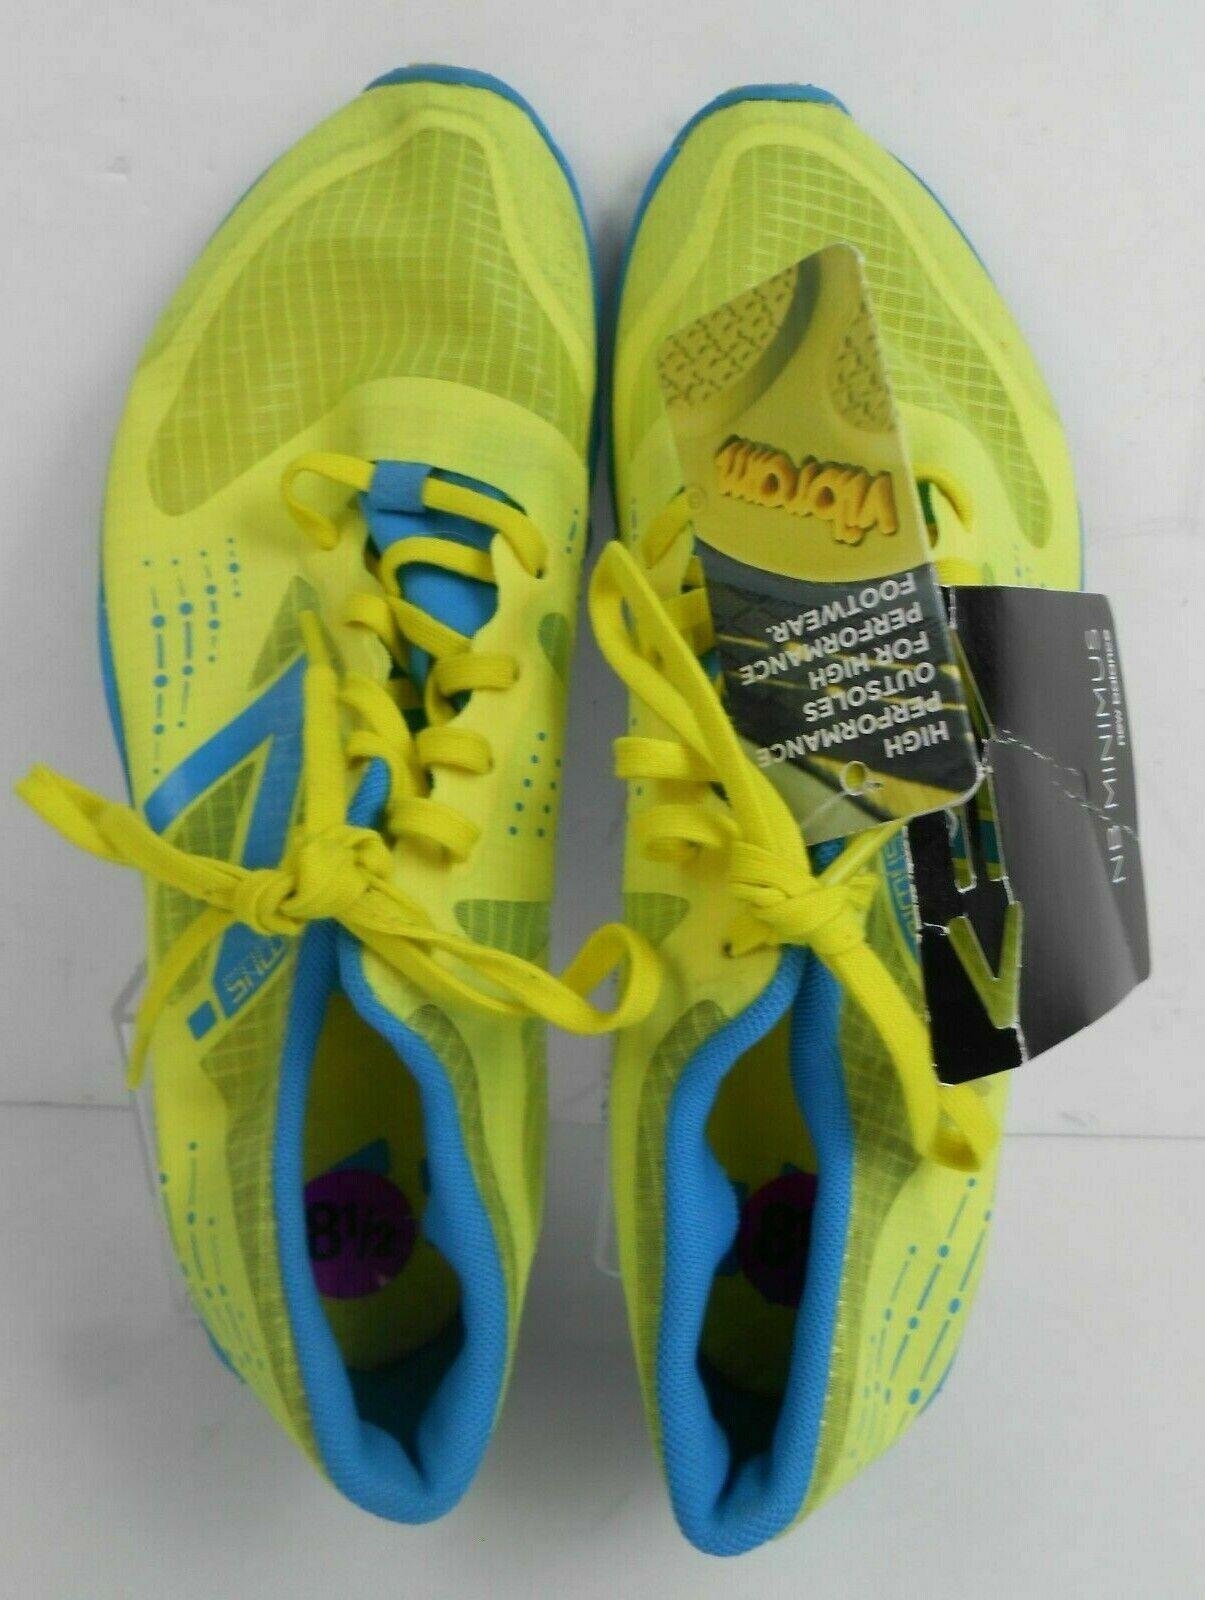 Nuovo Balance Minimus scarpe da  corsa femminile US 8.5 B pista minimalista WT00YB giallo  la vostra soddisfazione è il nostro obiettivo